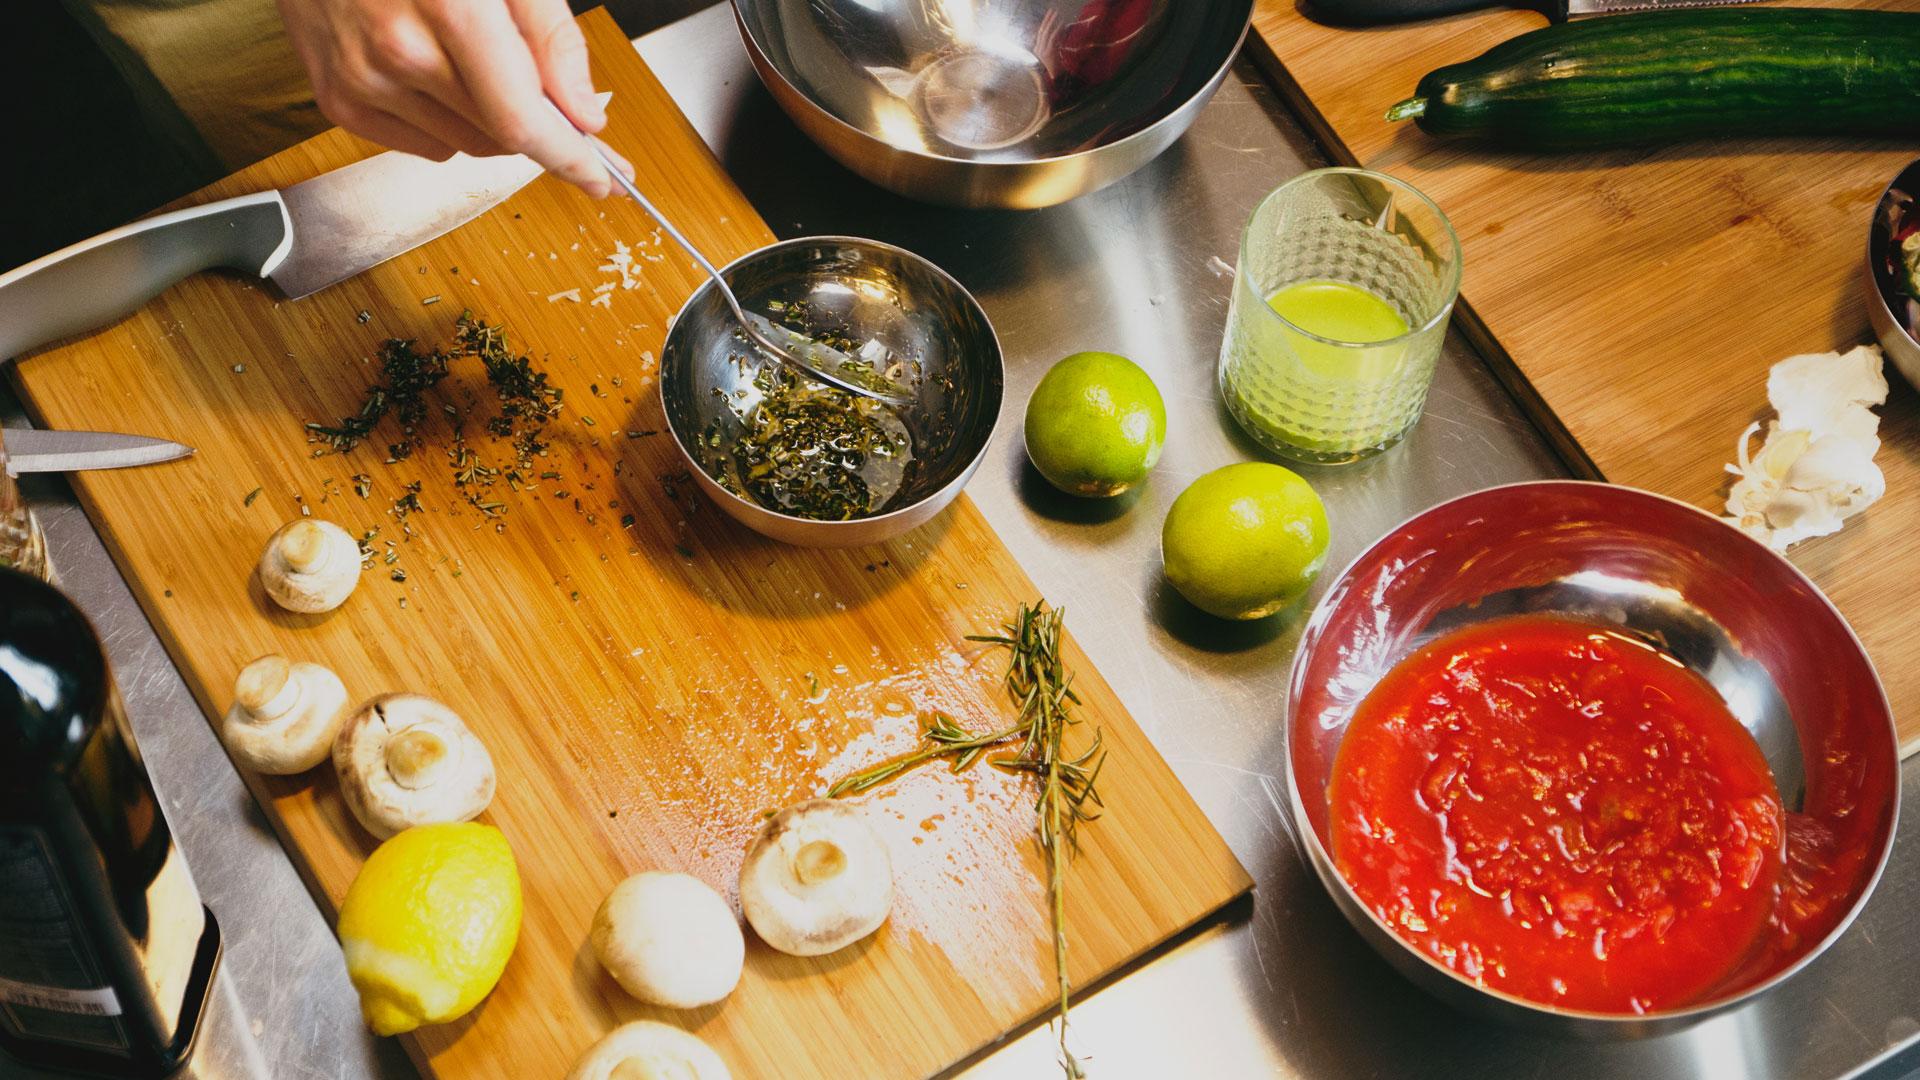 Alastair-prepares-ingredients-for-his-healthy,-vegan,-gluten-free-lentil-lemon-rosemary-rocket-sald-recipe-Foodadit